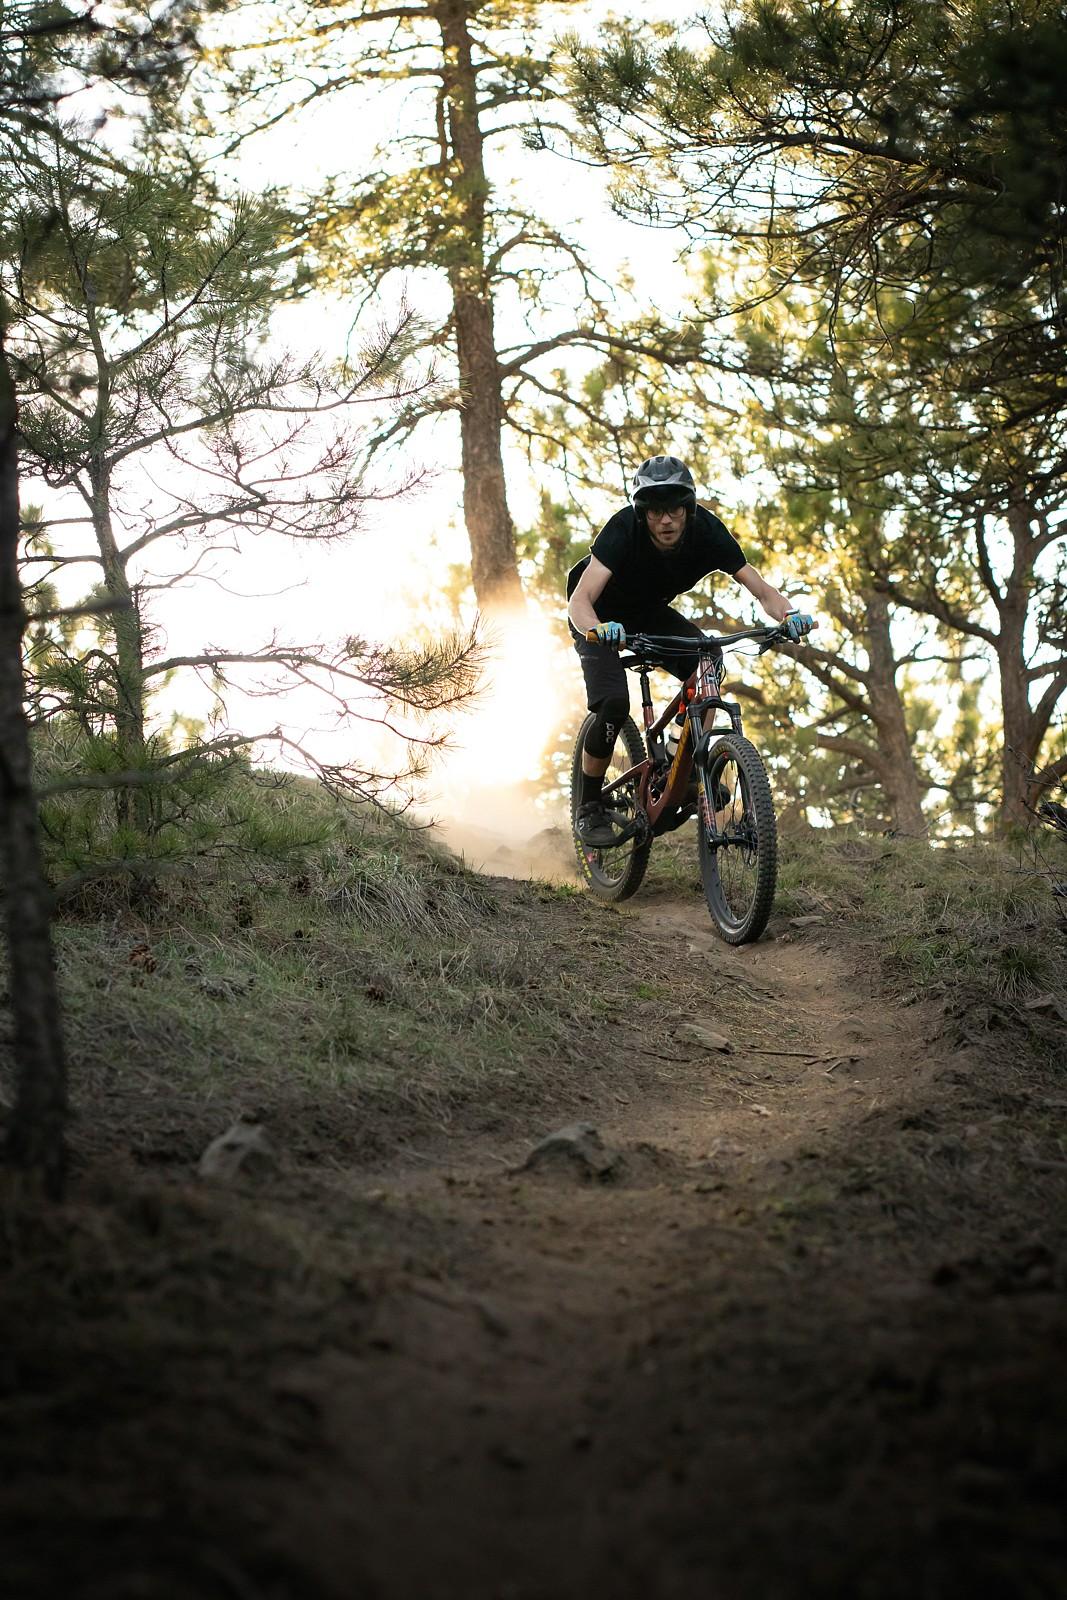 golden hour descent  - ur_pal_al - Mountain Biking Pictures - Vital MTB